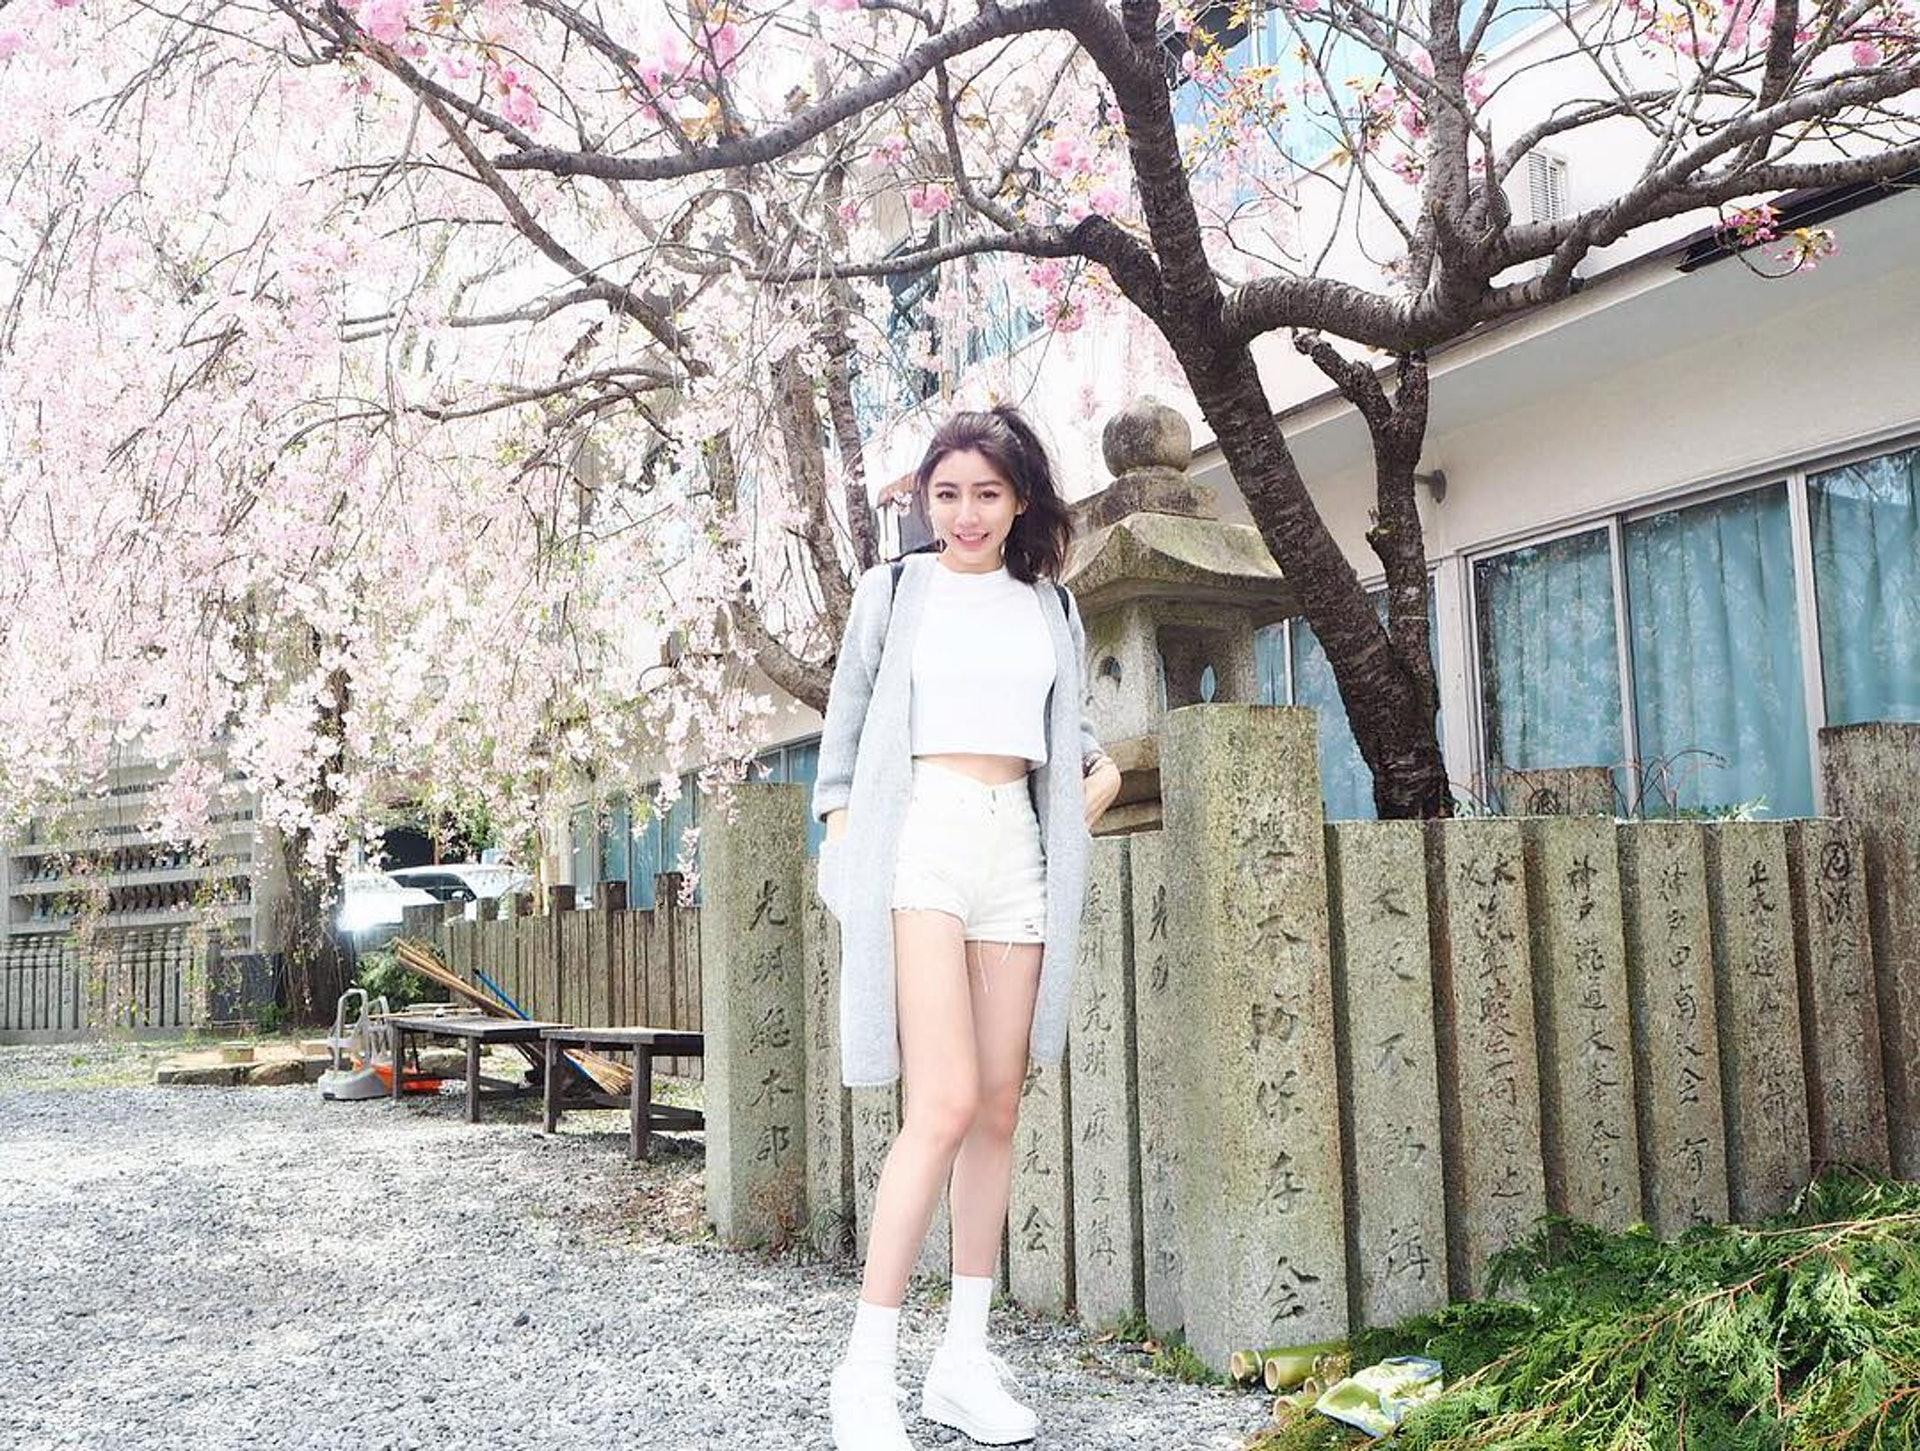 陳玟媛擁有小蠻腰,人見人愛。(yuan_1214 IG圖片)